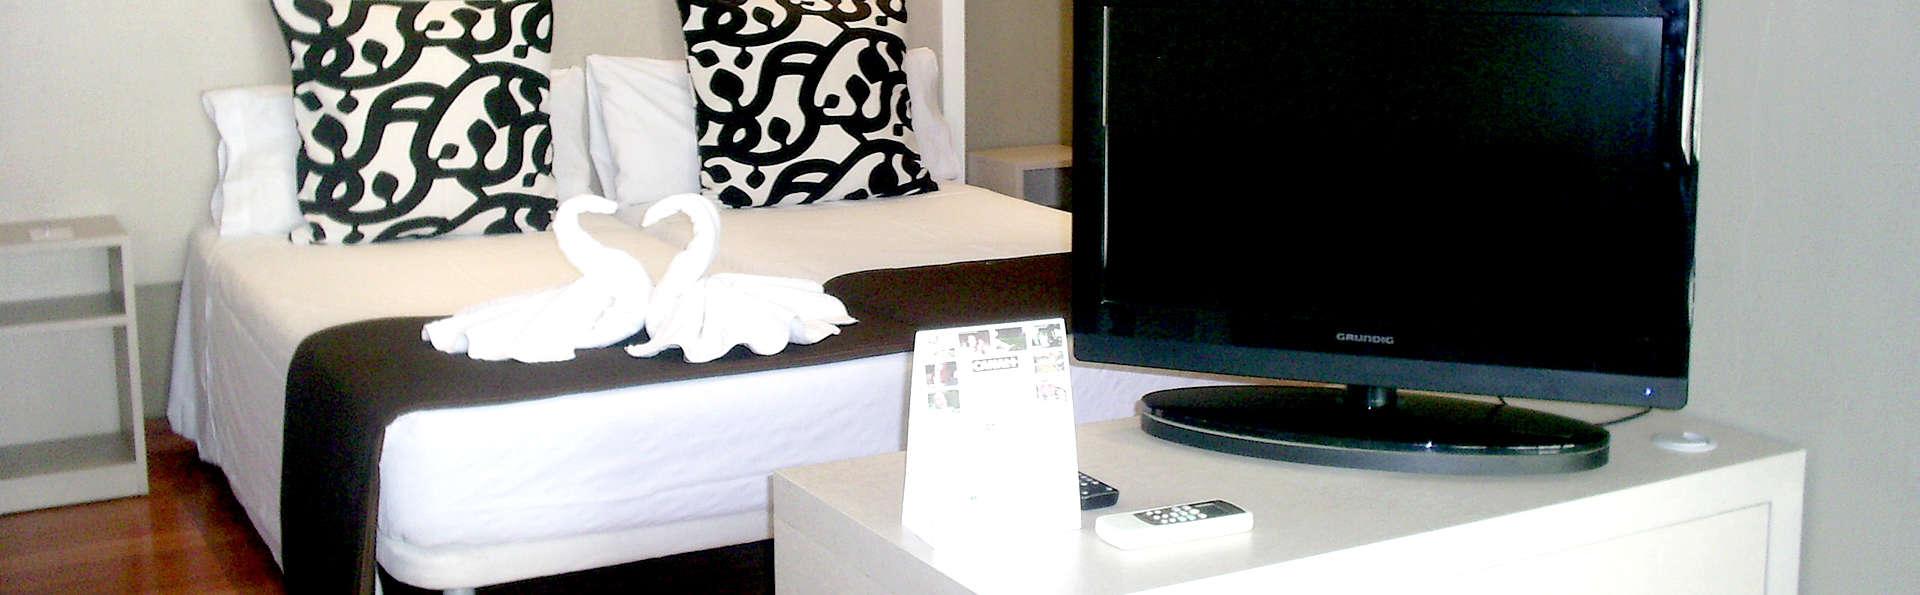 Escapada al mejor precio garantizado a Barcelona Upper-Diagonal en un Apartamento